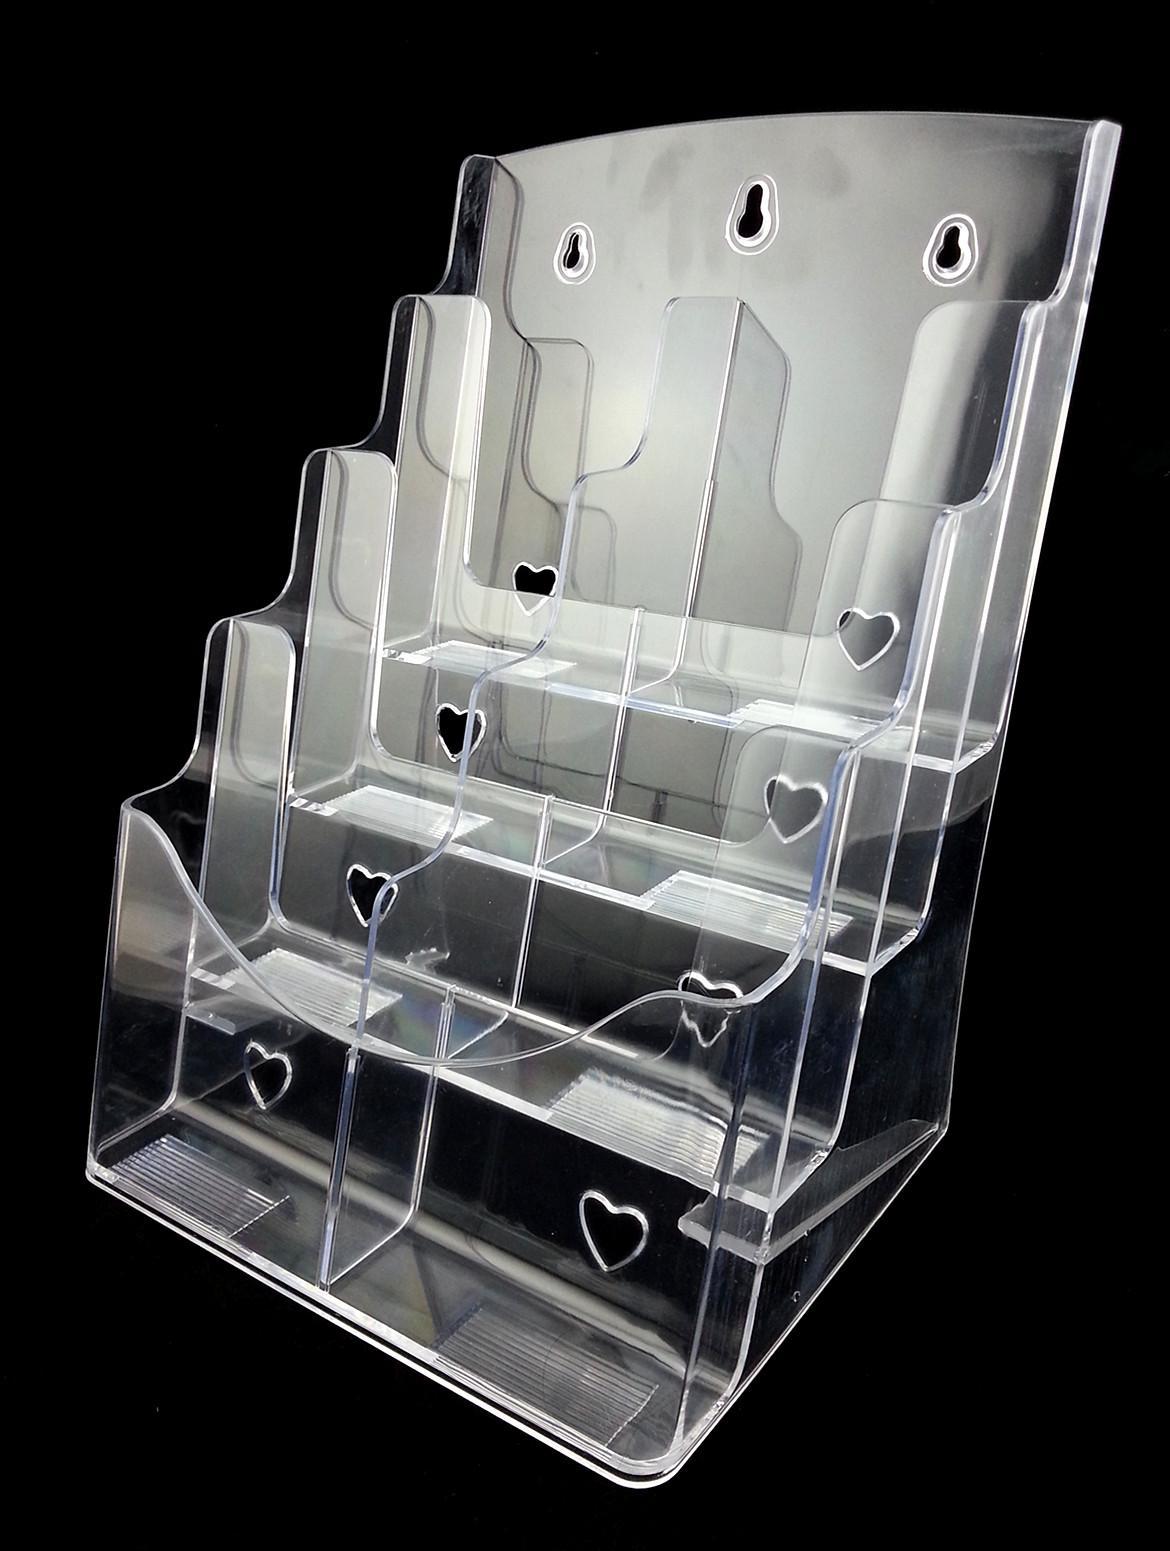 Opuscolo trasparente A6 otto opuscoli opuscolo Letteratura plastica acrilico Display Holder Stand per inserire il depliant sul desktop 2 pezzi da Express